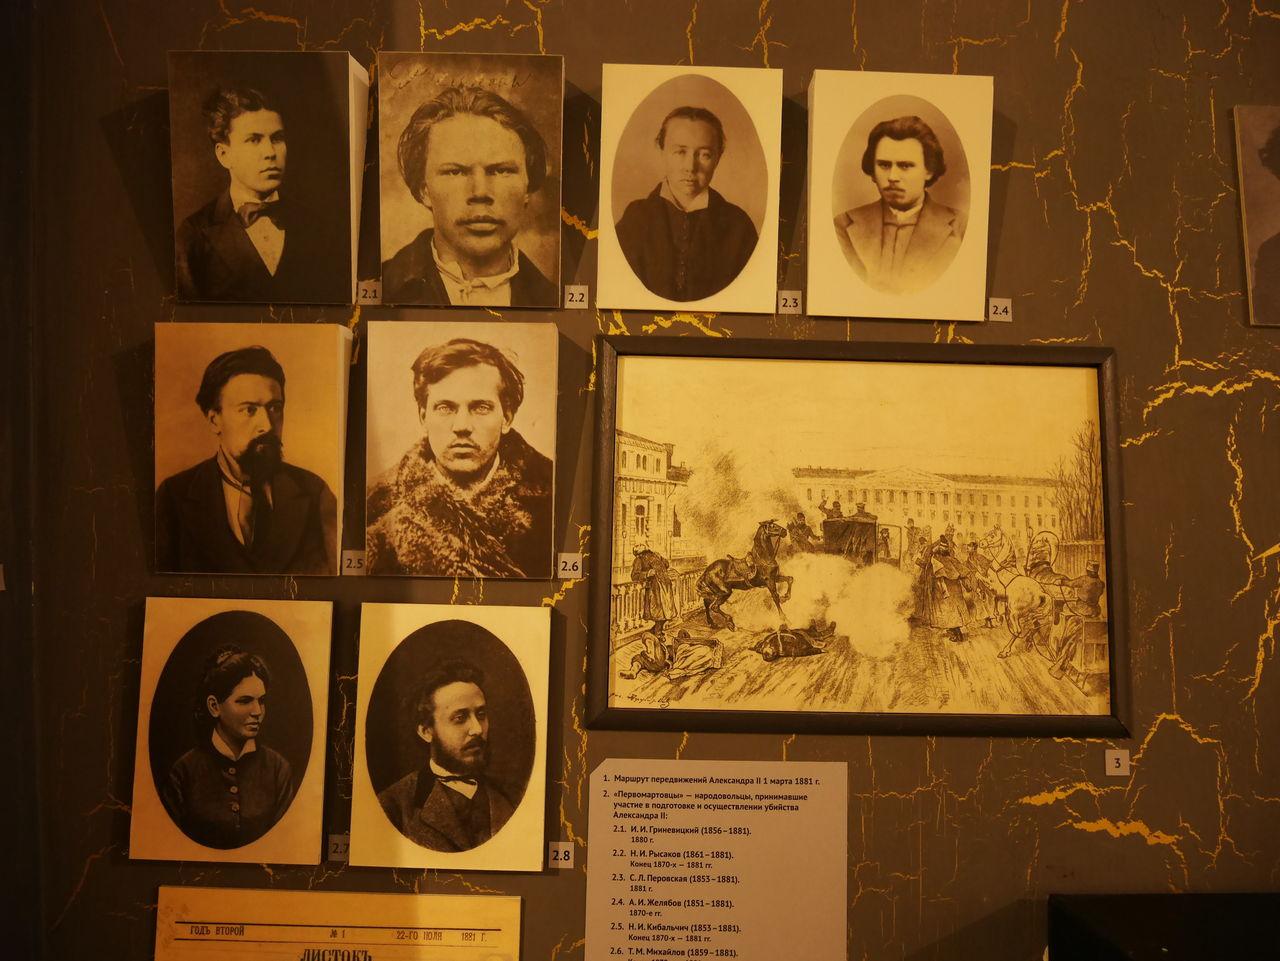 世界史の旅 -探訪記と歴史グッズ-政治史博物館①帝政期(サンクトペテルブルク)コメント